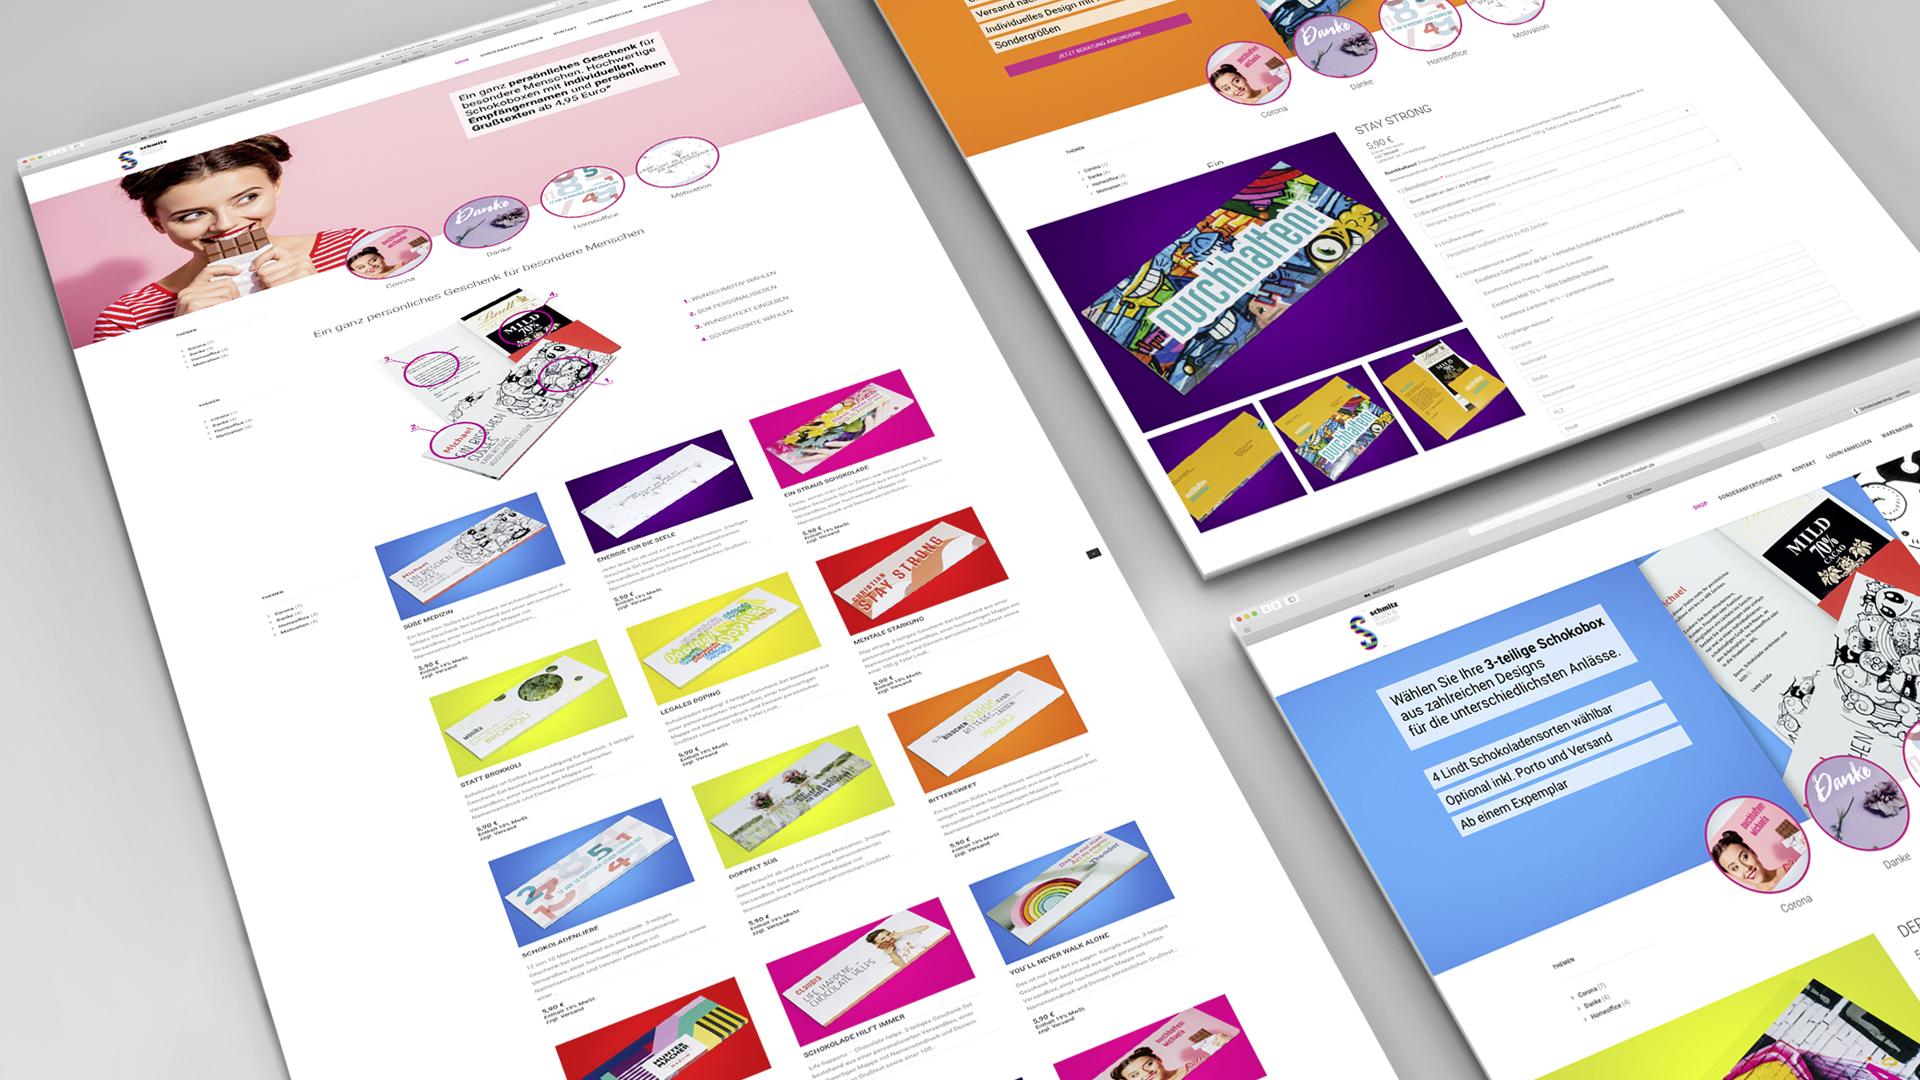 Design Onlineshop - Der neue E-Shop für personalisierte Schokoladenmailings mit individuellem Grußtext ab einem Exemplar, Webdesign